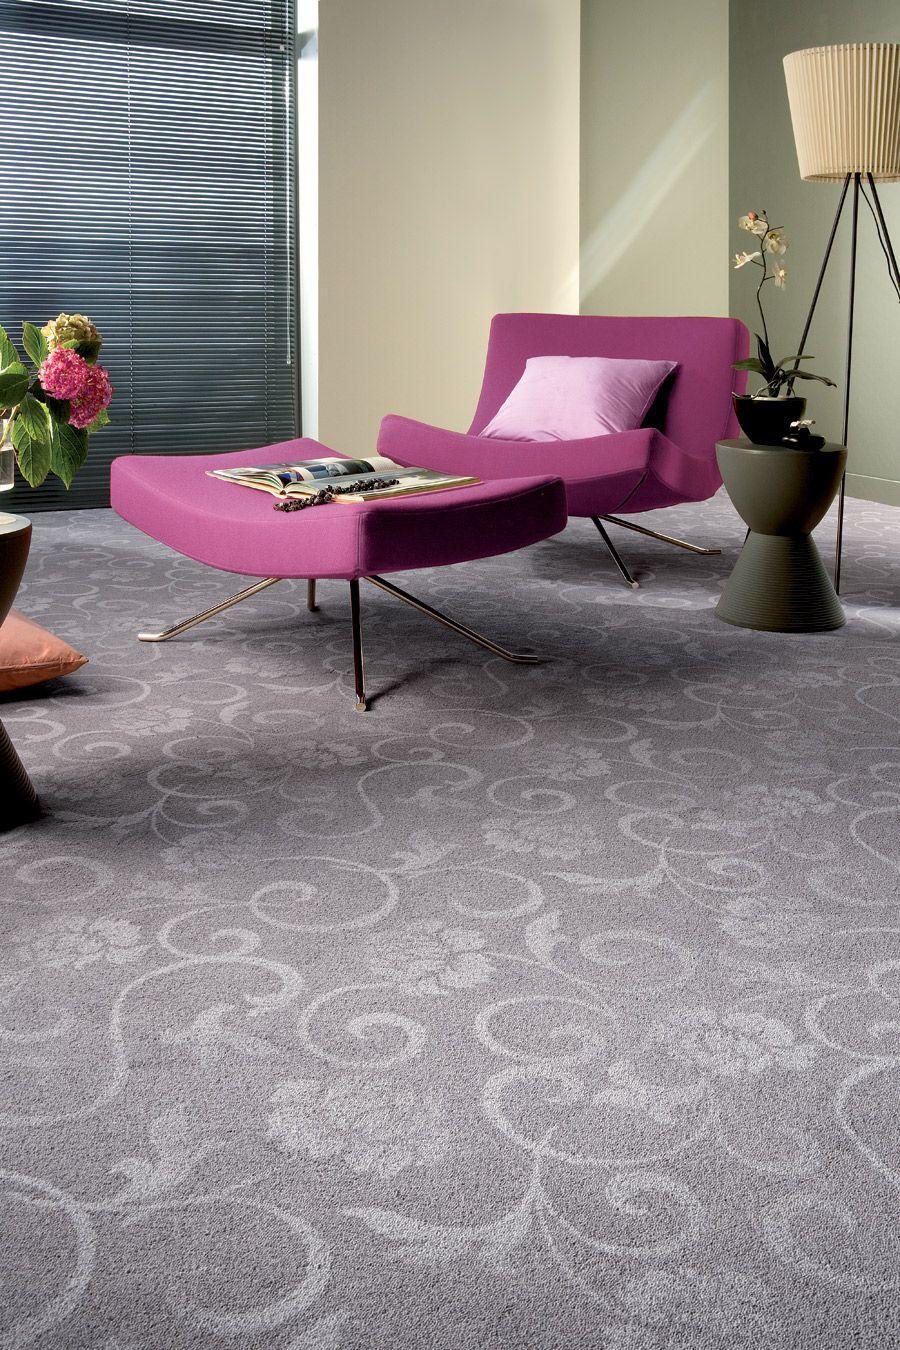 Cool Carpet Ideas: Grey Carpet Violet Contemporary Ideas ~ Home Inspiration